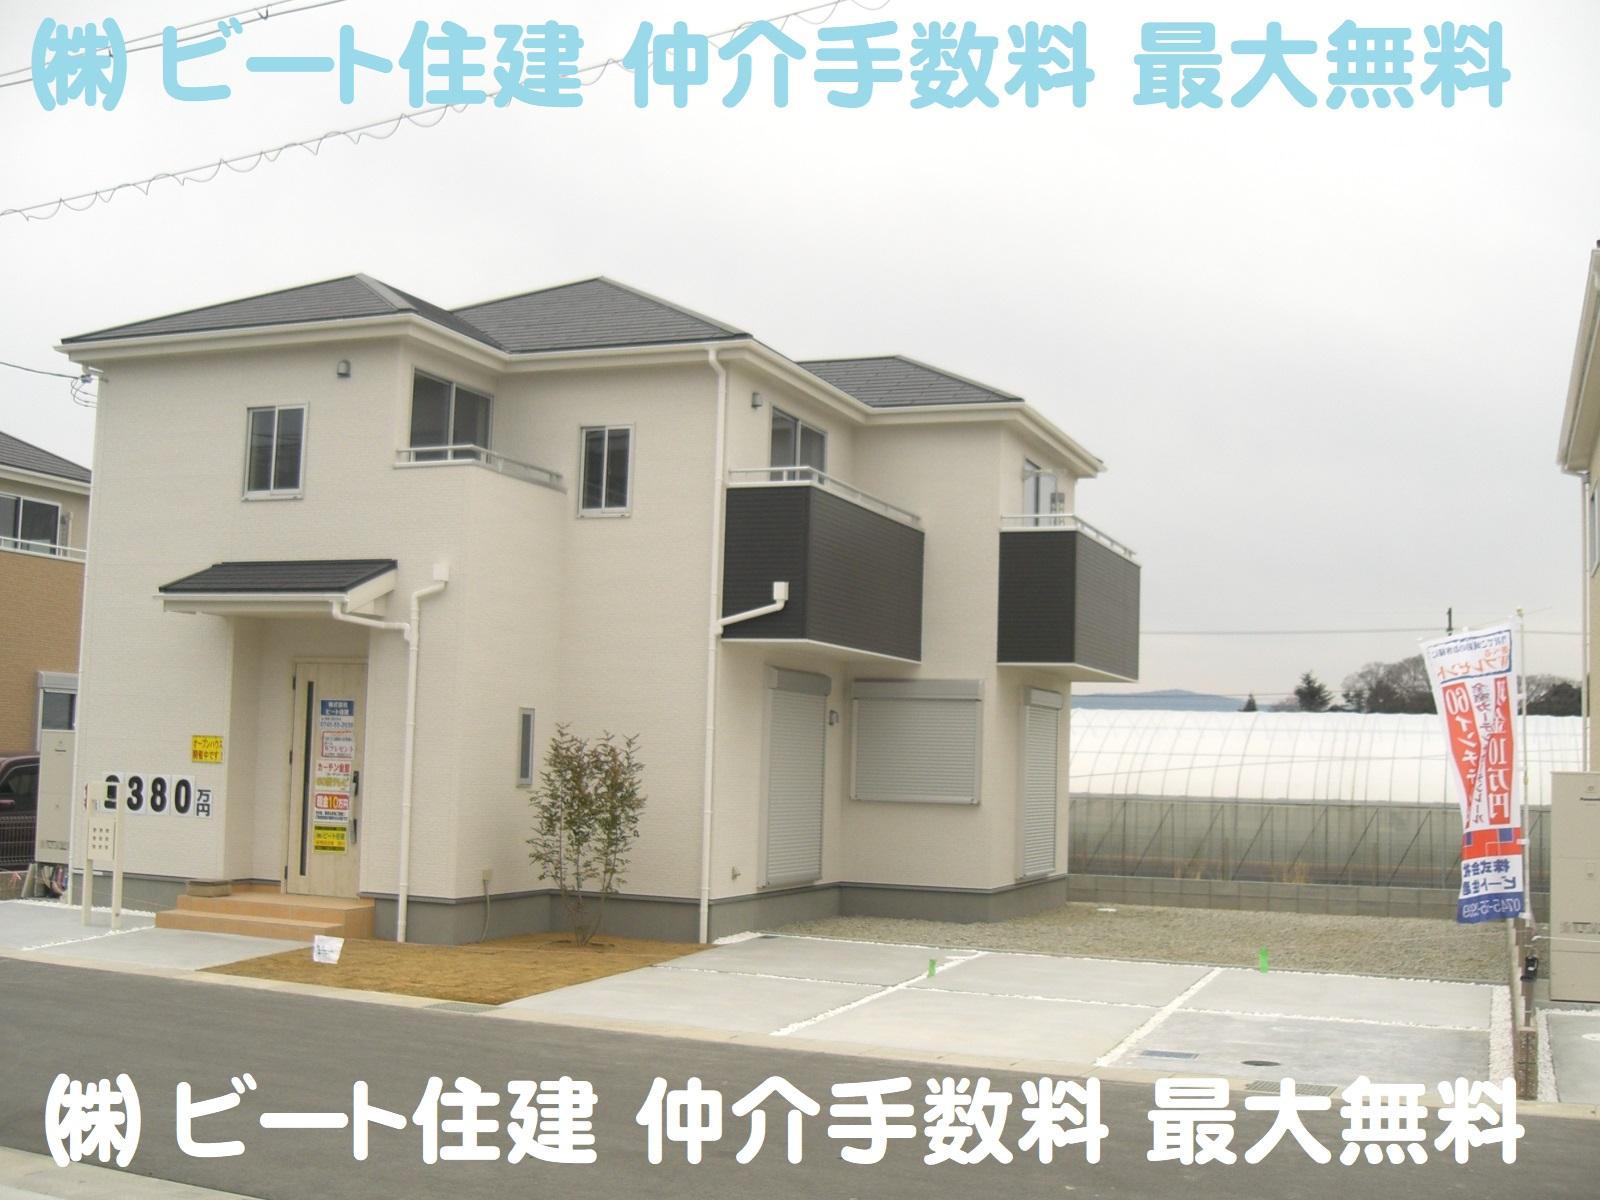 奈良県 新築一戸建て 住宅 お買い得 ビート住建 仲介手数料 最大無料 大幅値引き 大幅割引き 頑張ります!